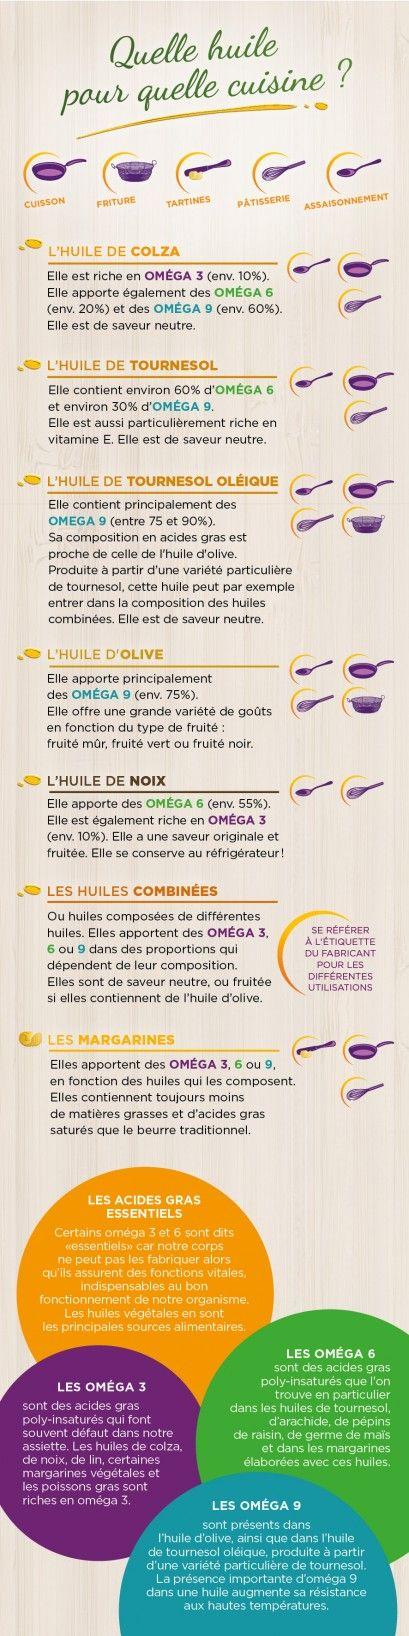 Les huiles végétales et leur utilisation.